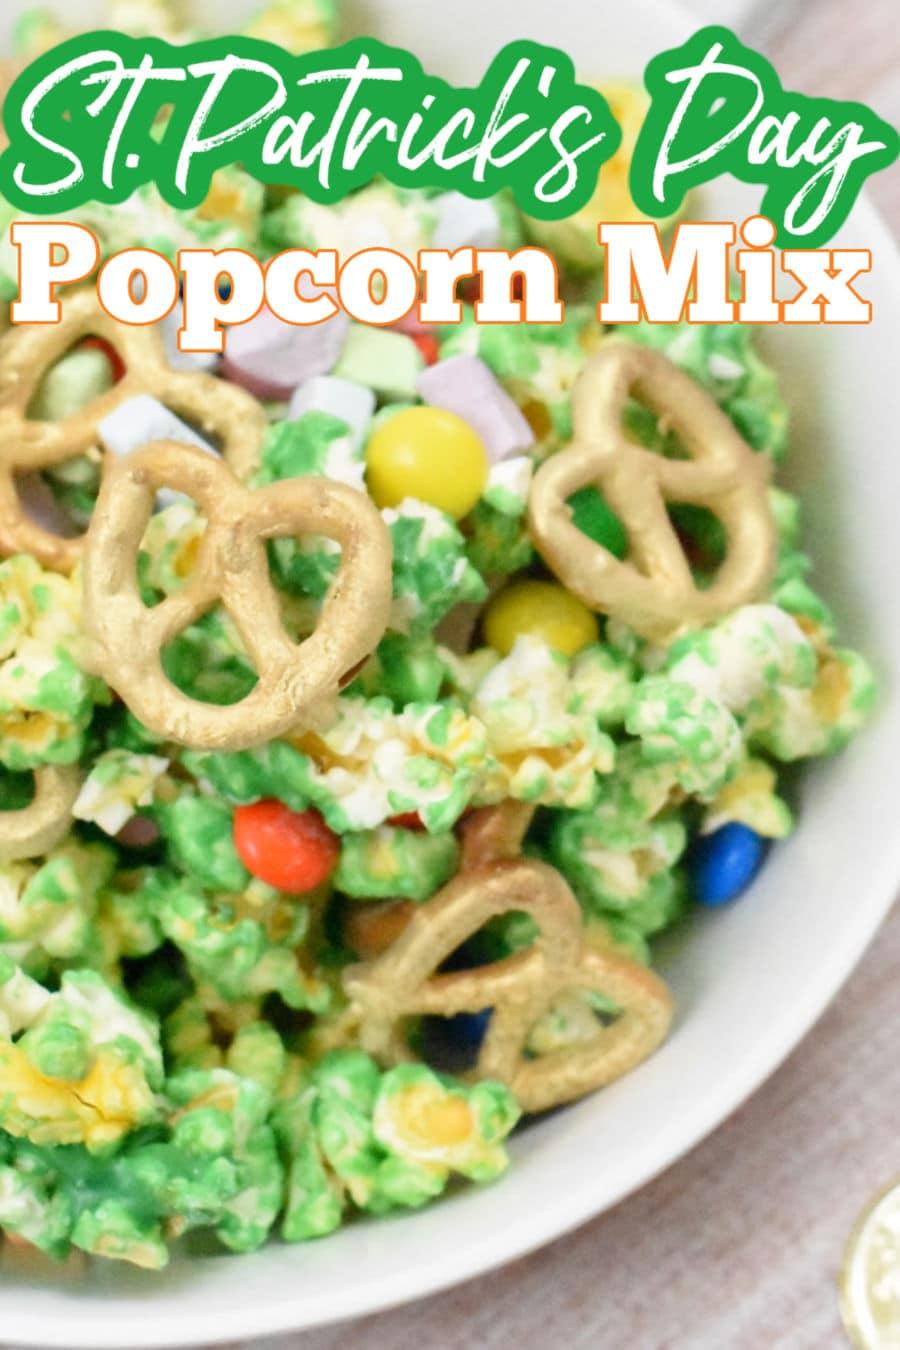 St Patricks Day Popcorn Mix